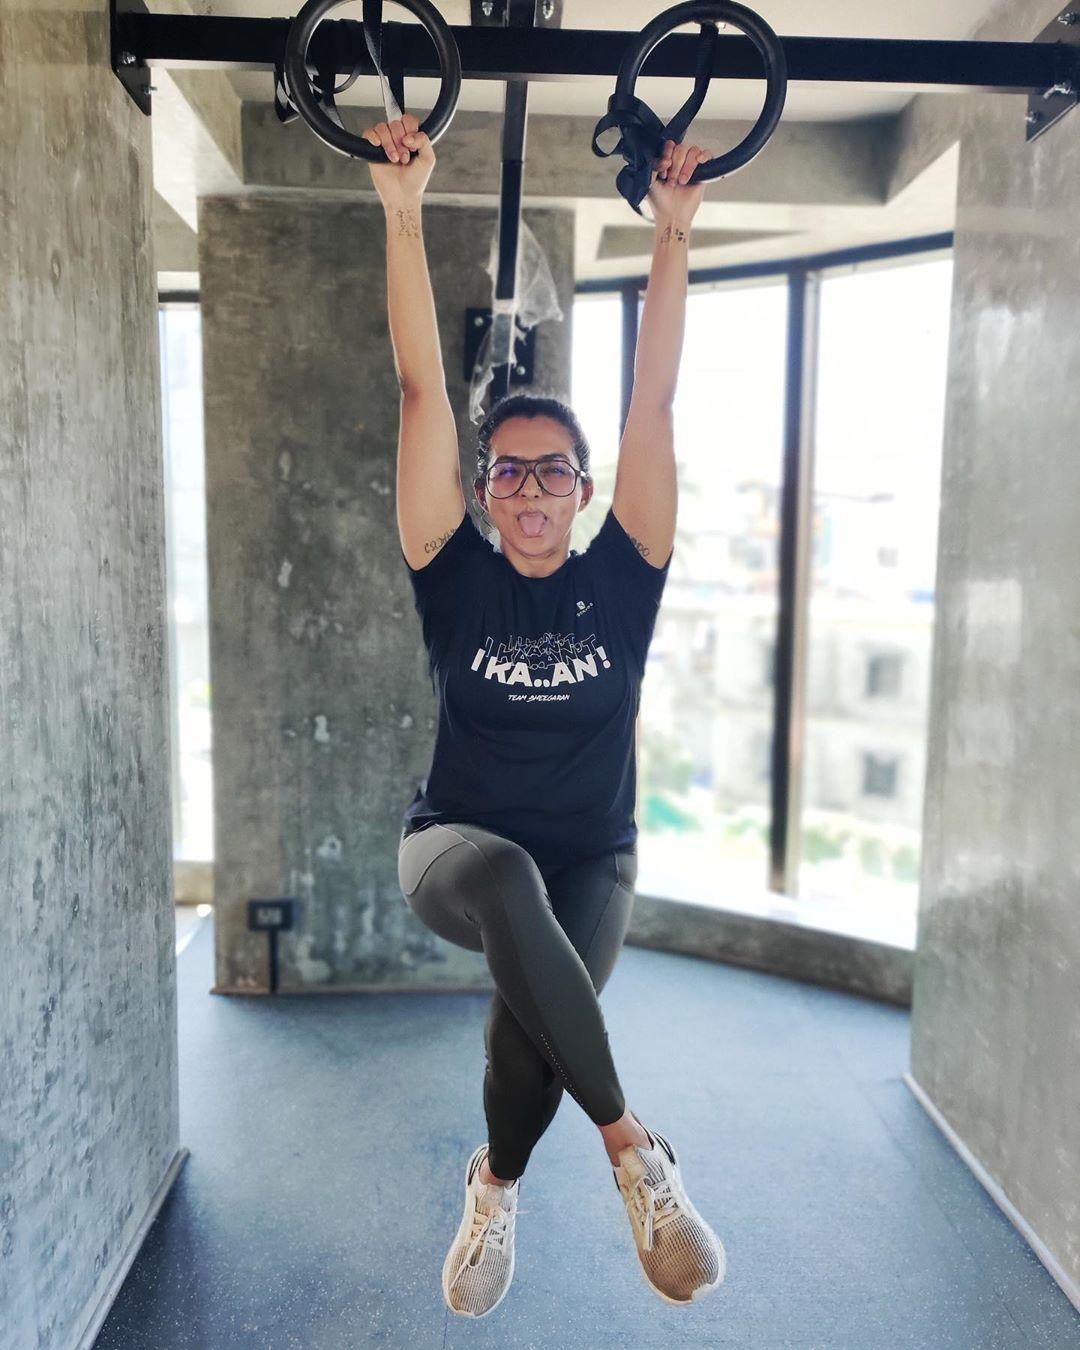 Parvathy photos workout